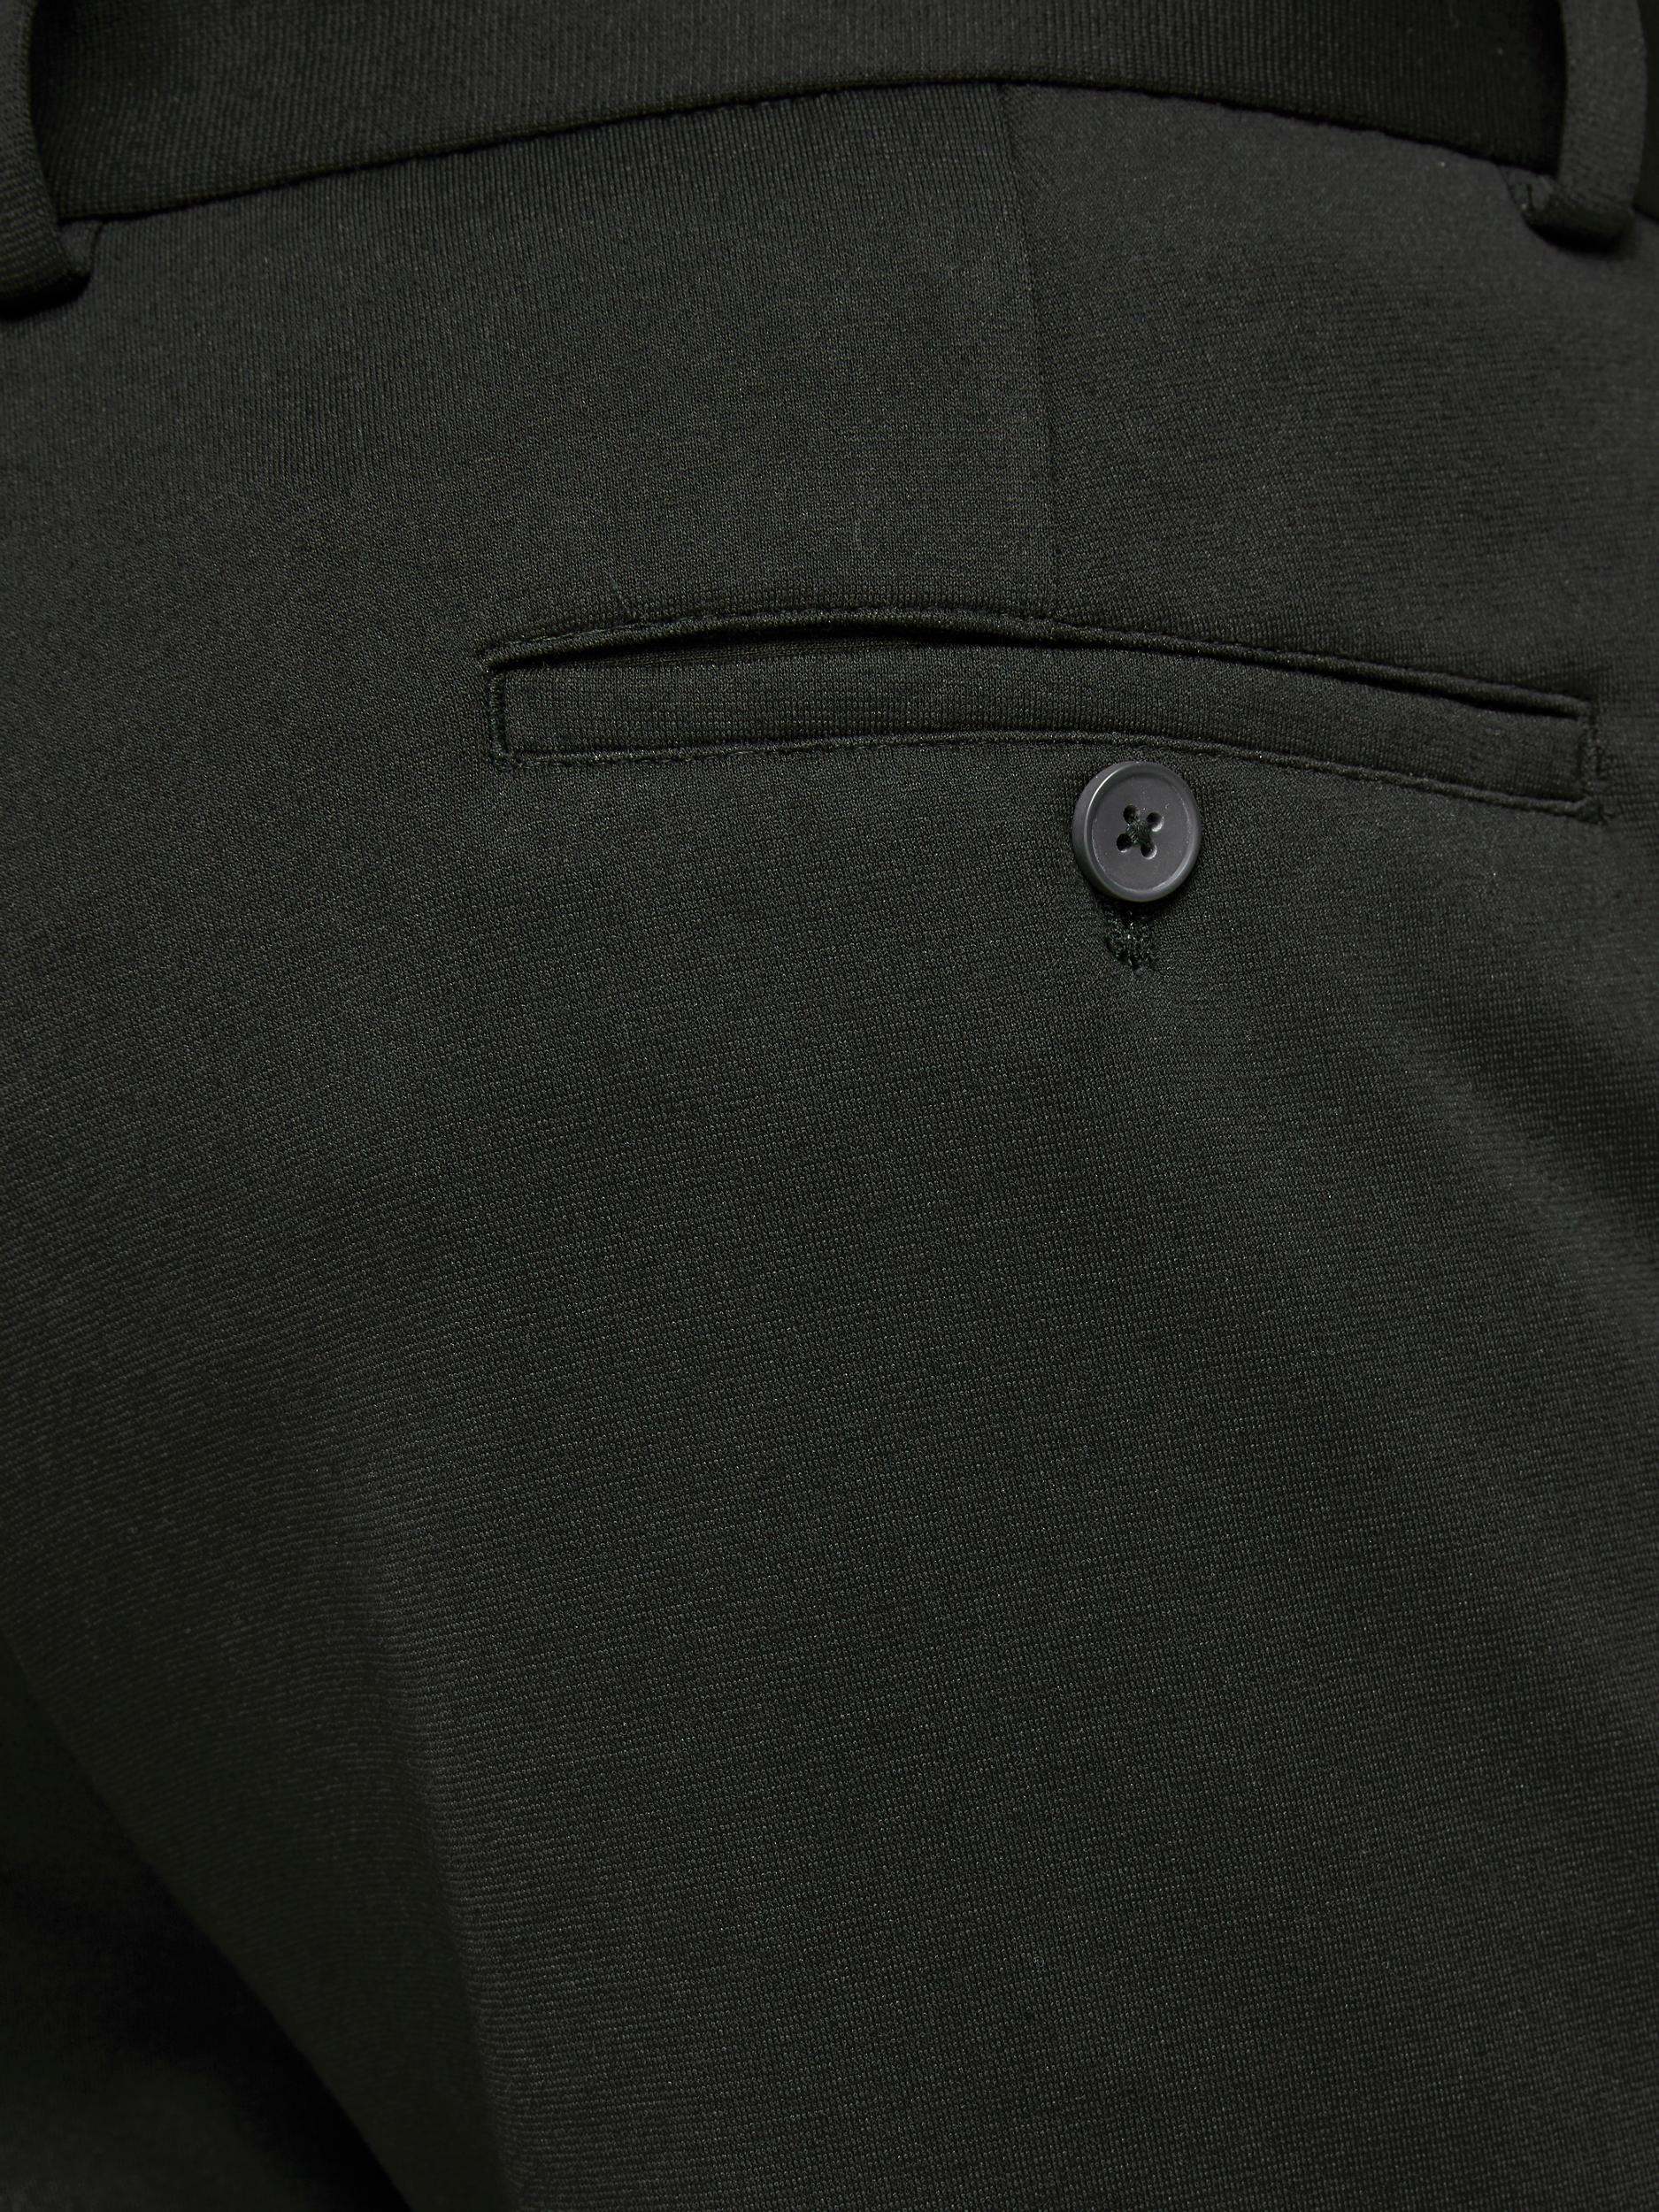 Jack & Jones Phil shorts, black, large